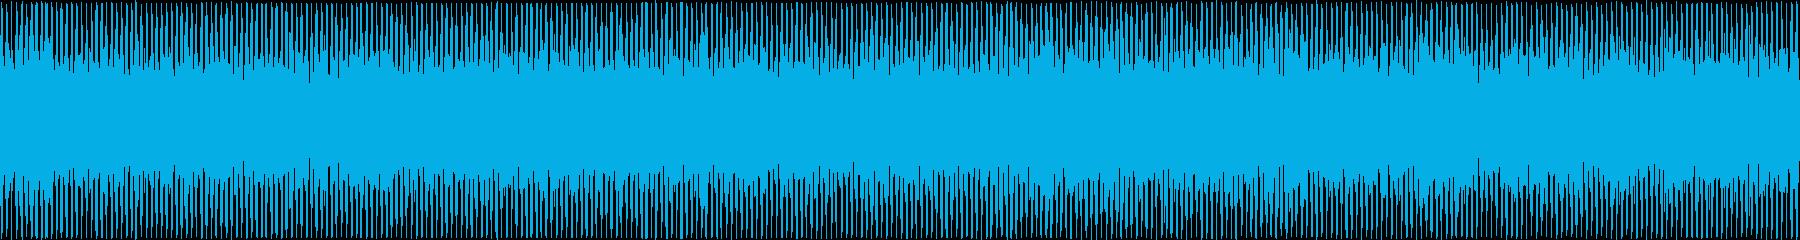 ザァー(FMラジオのノイズD)ループ処理の再生済みの波形